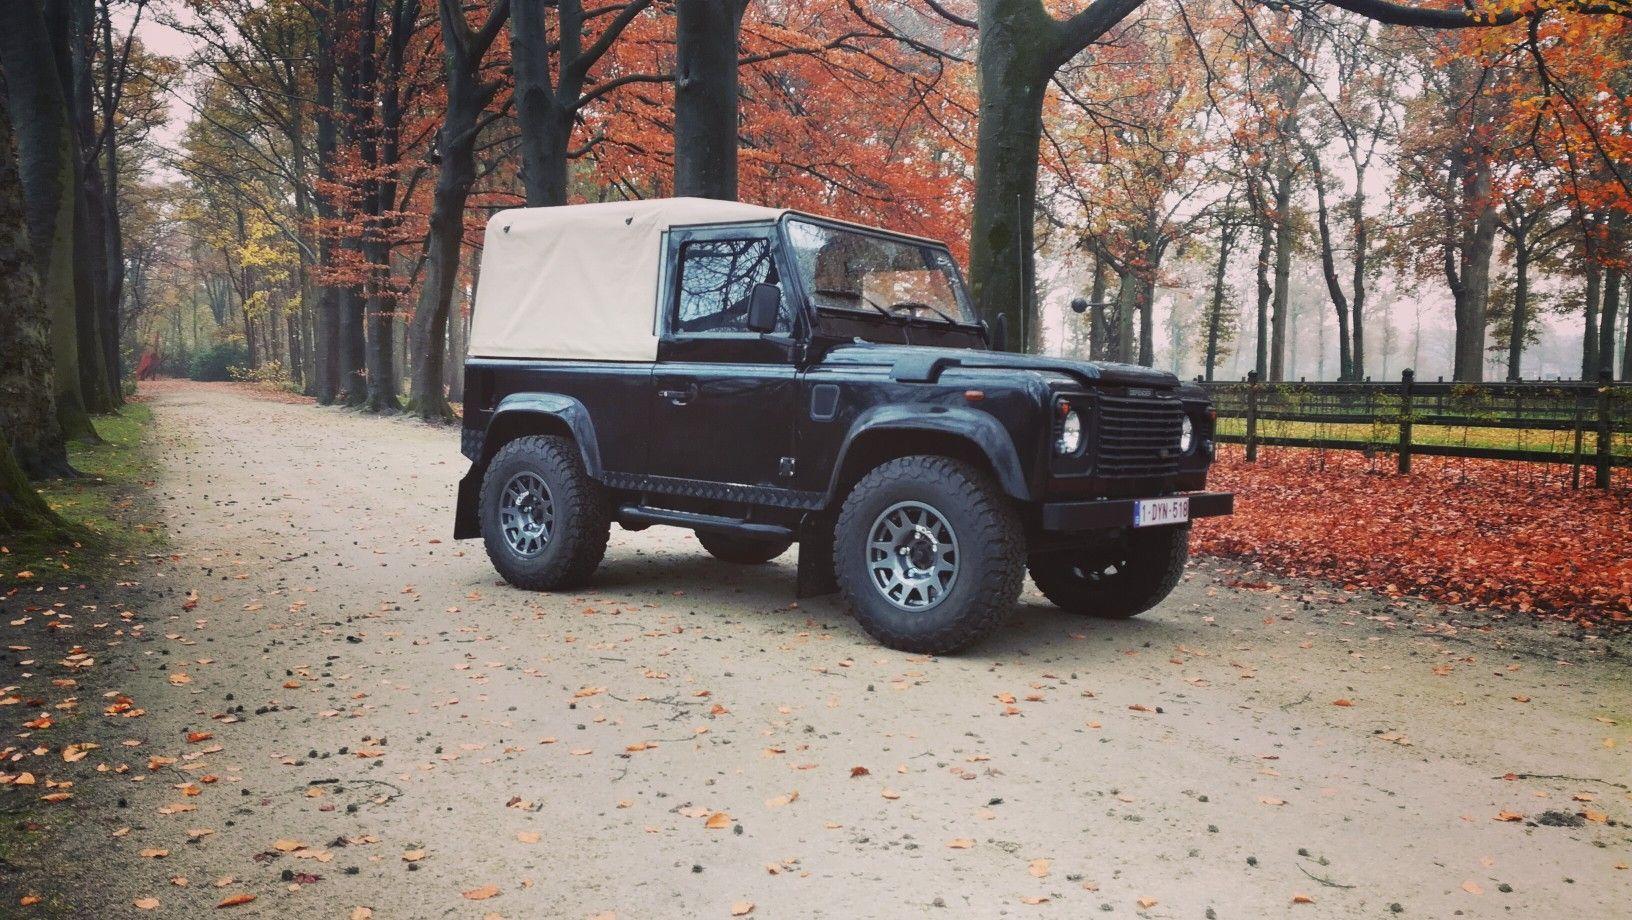 Pin Van Steve Op Land Rover Defender In 2020